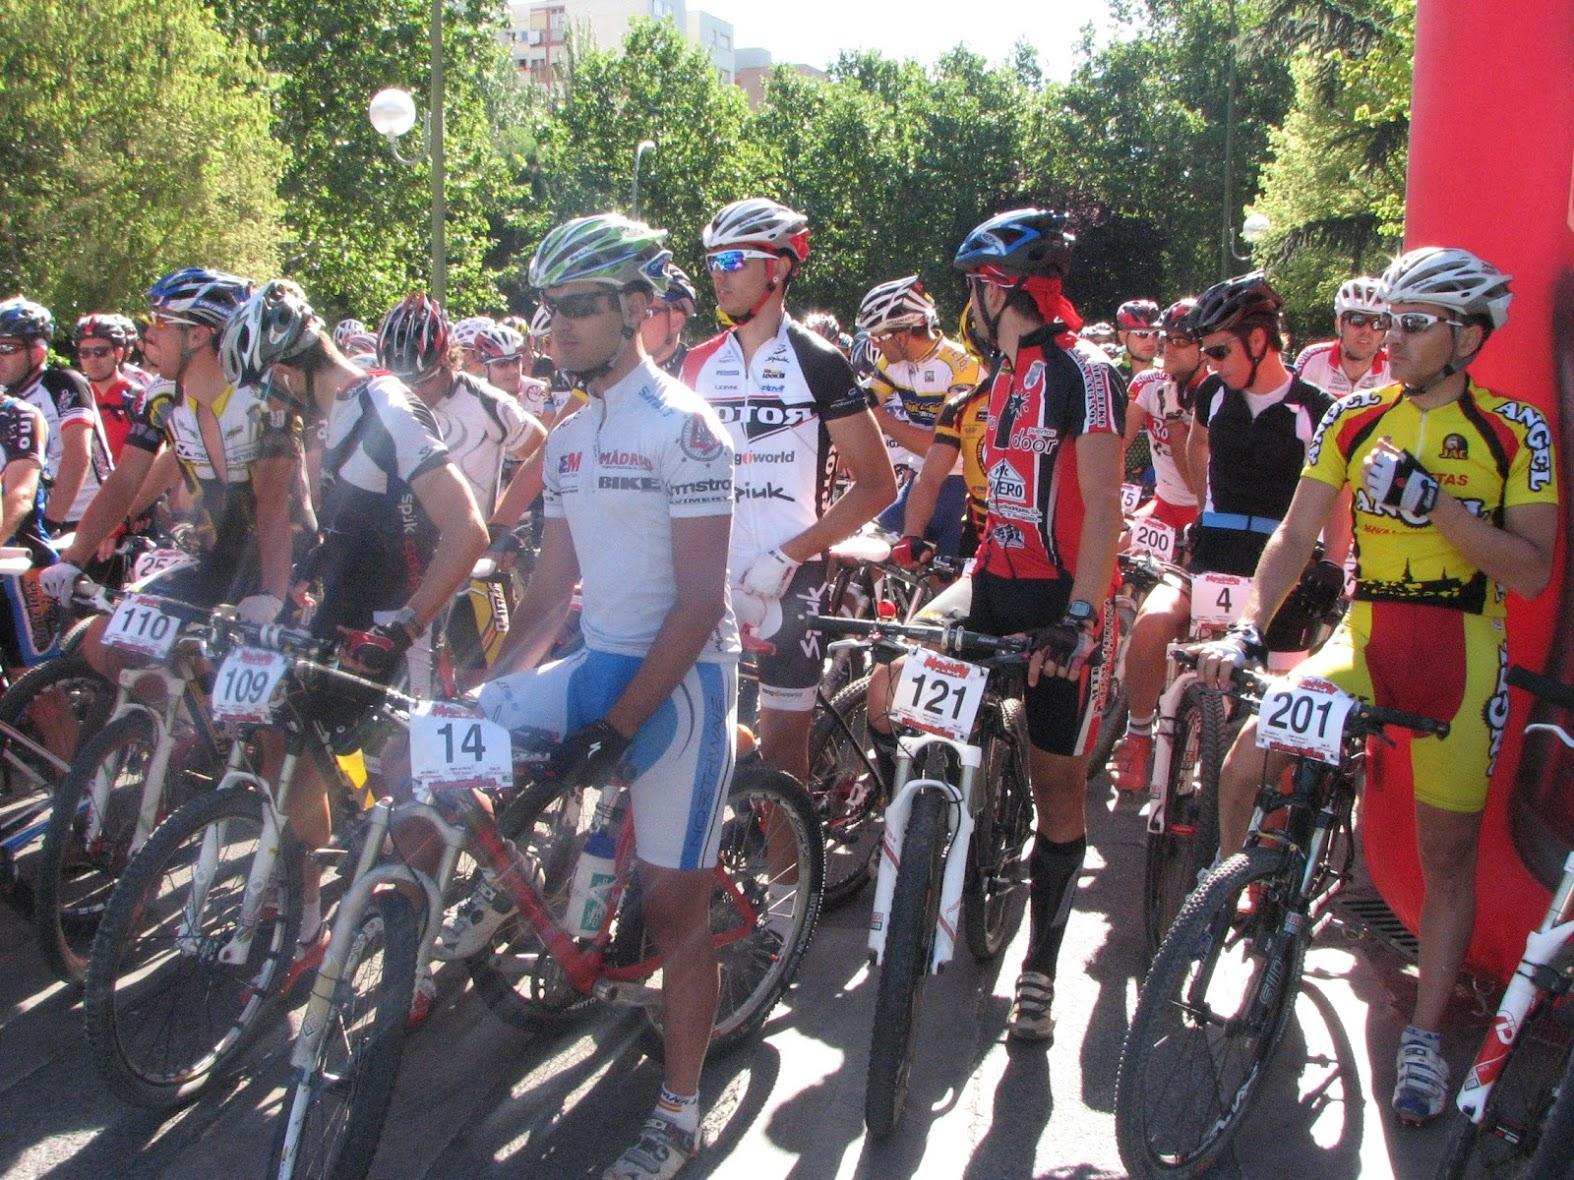 Fiestas 2012 Bike